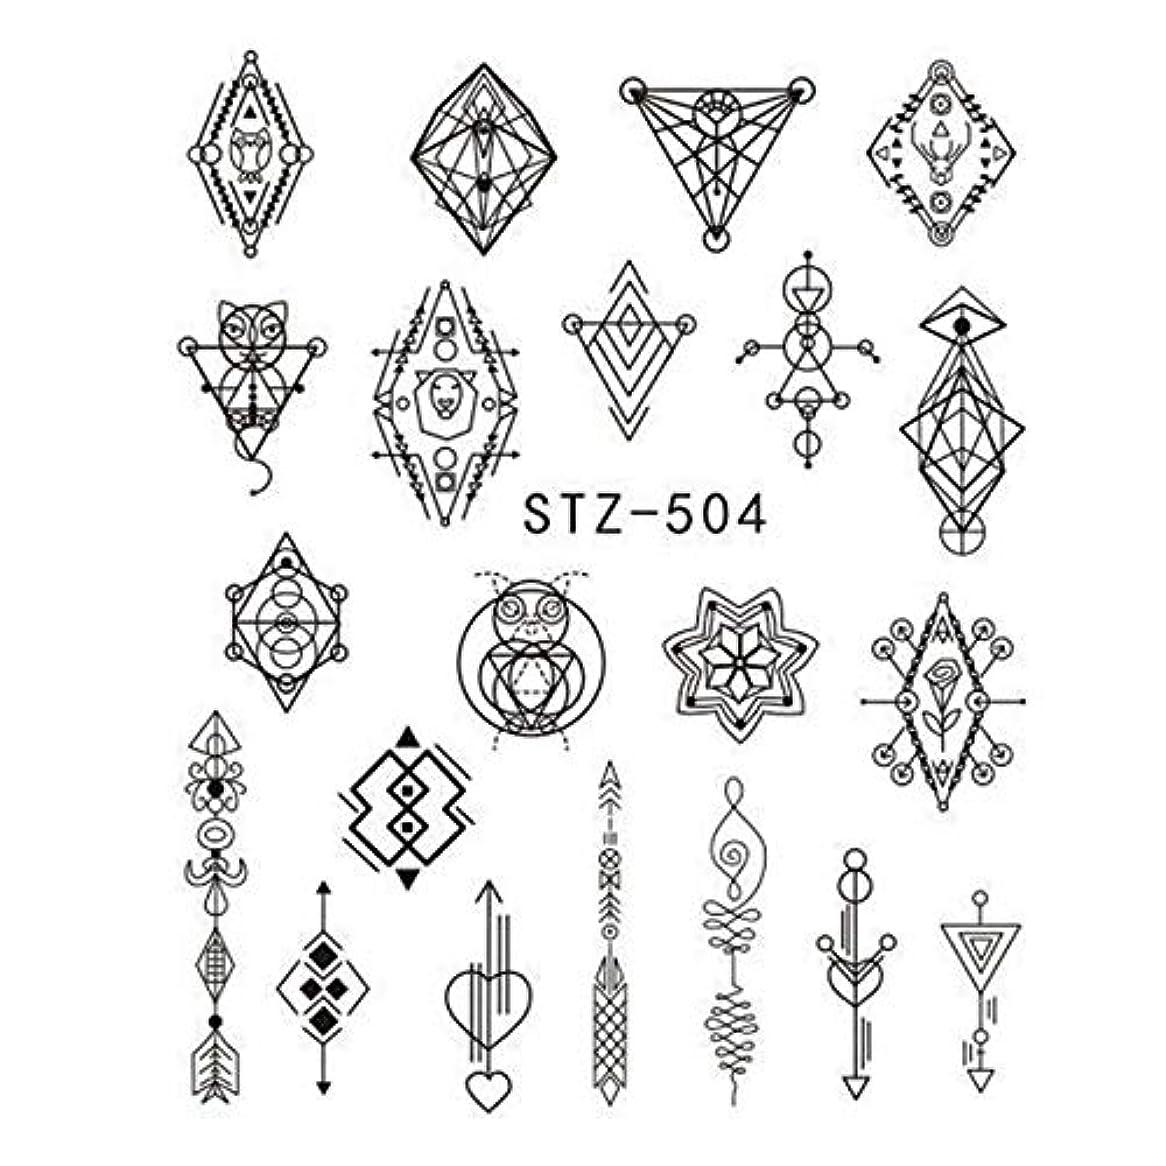 敬の念哲学的呪われたビューティー&パーソナルケア 3個DIYのファッション水転写アートデカールネイルステッカー(STZ500) ステッカー&デカール (色 : STZ504)